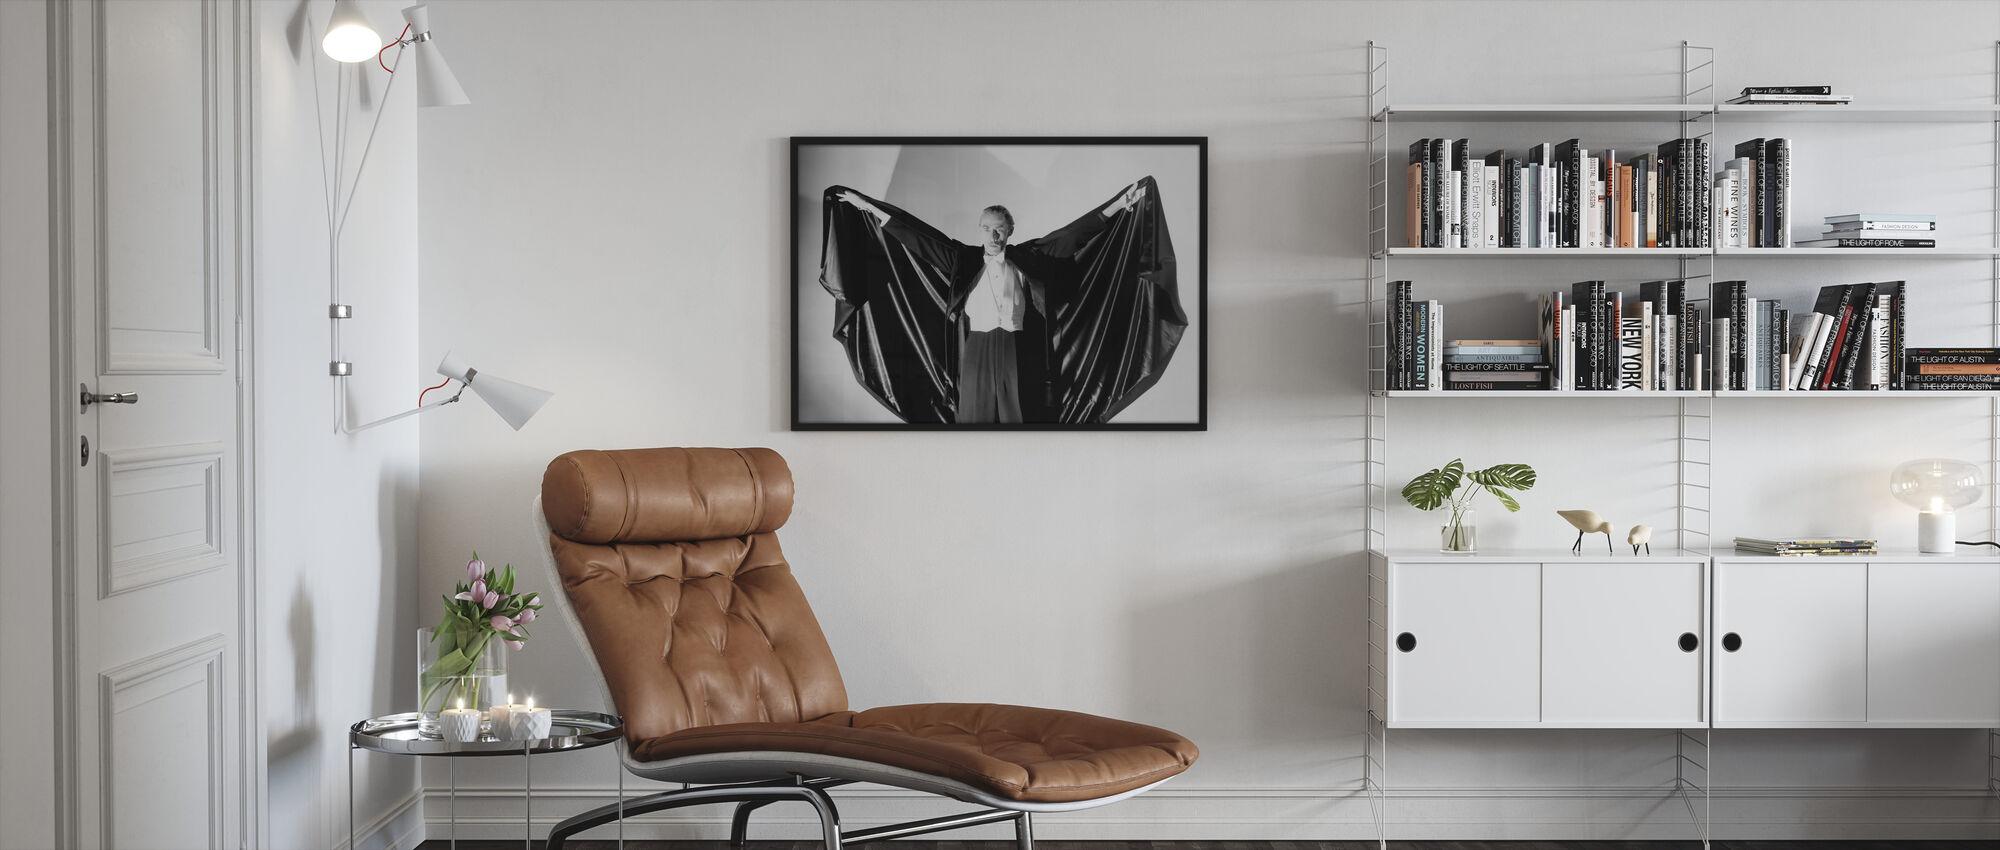 House of Dracula II - Framed print - Living Room